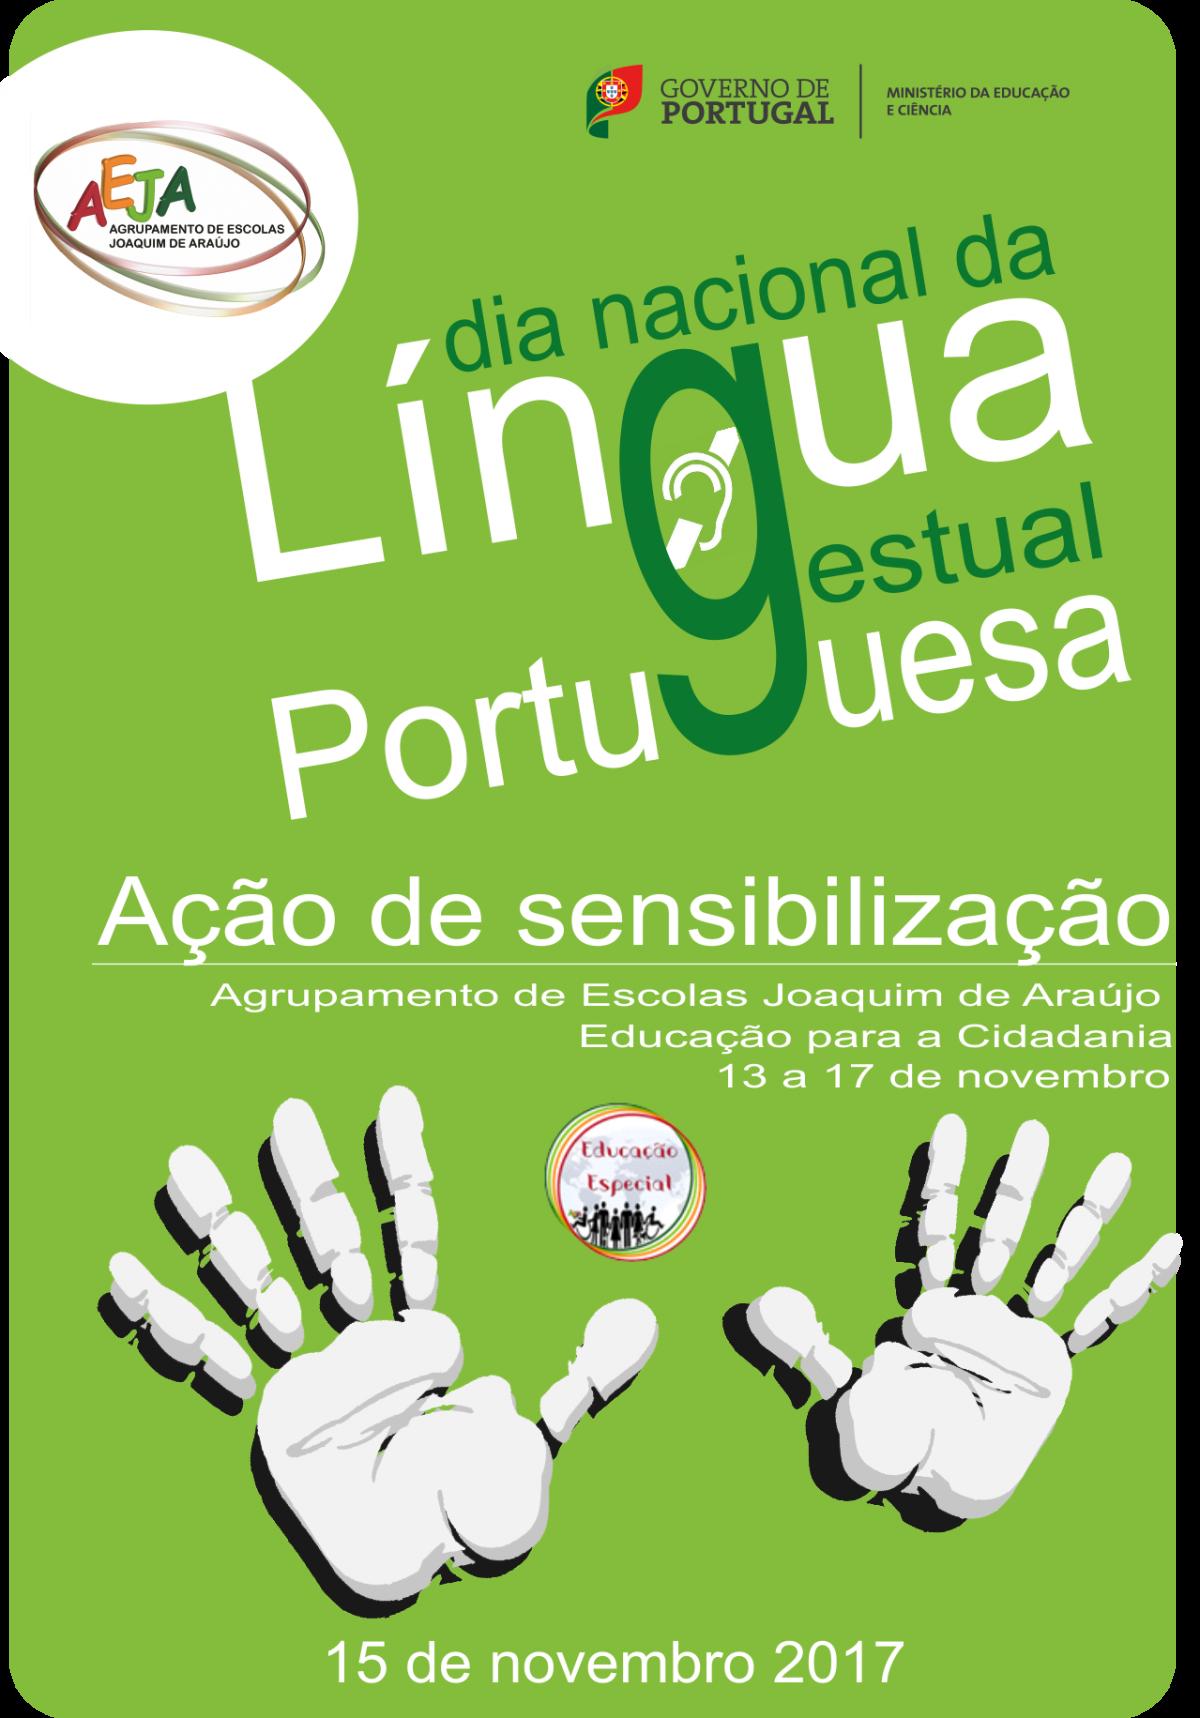 DIA NACIONAL DA LÍNGUA GESTUAL PORTUGUESA